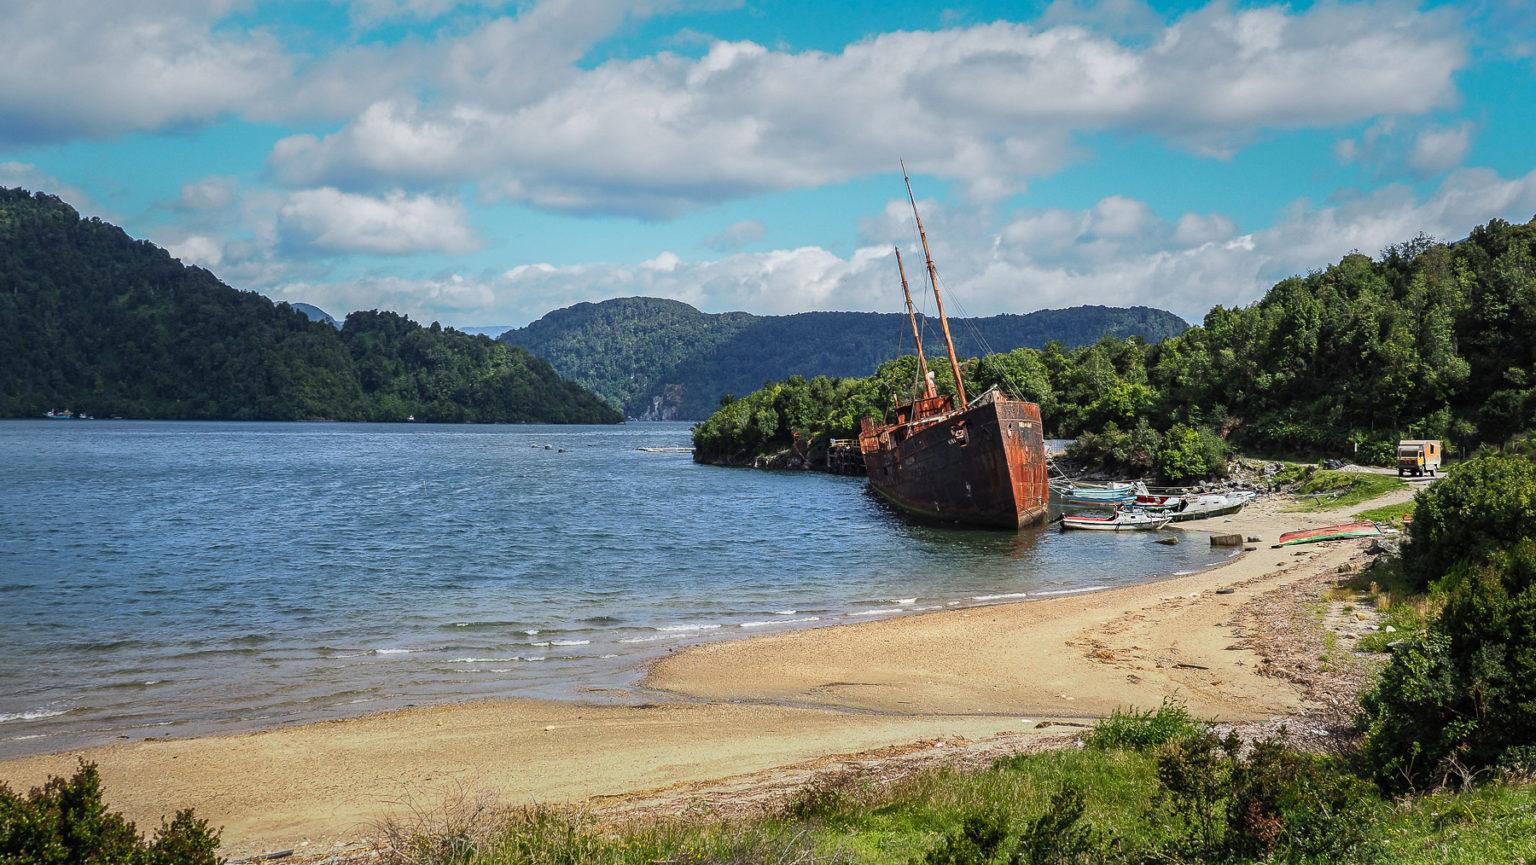 Meeresbucht bei Puerto Aysen